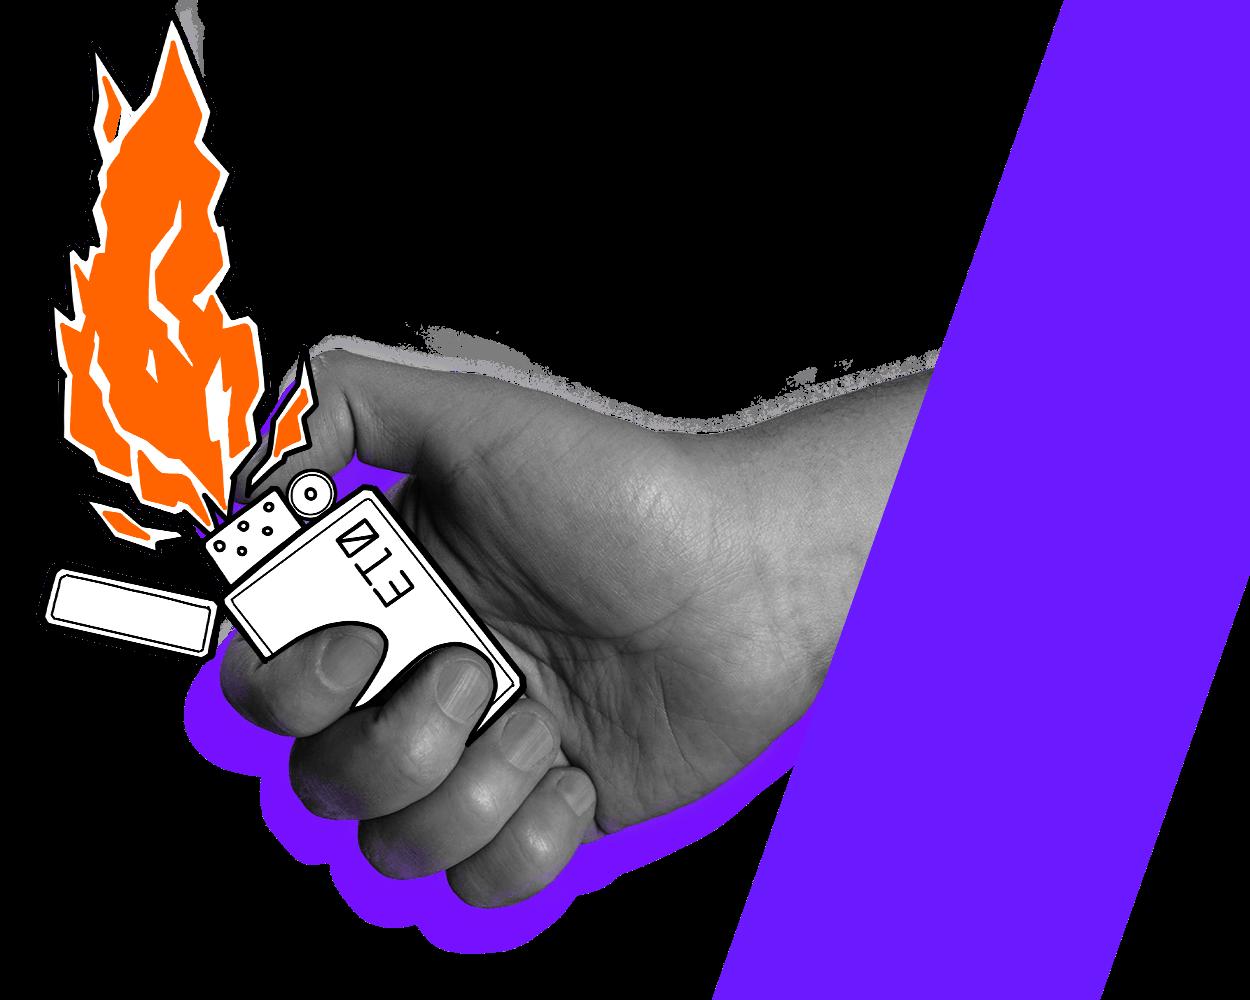 Ignite Hand